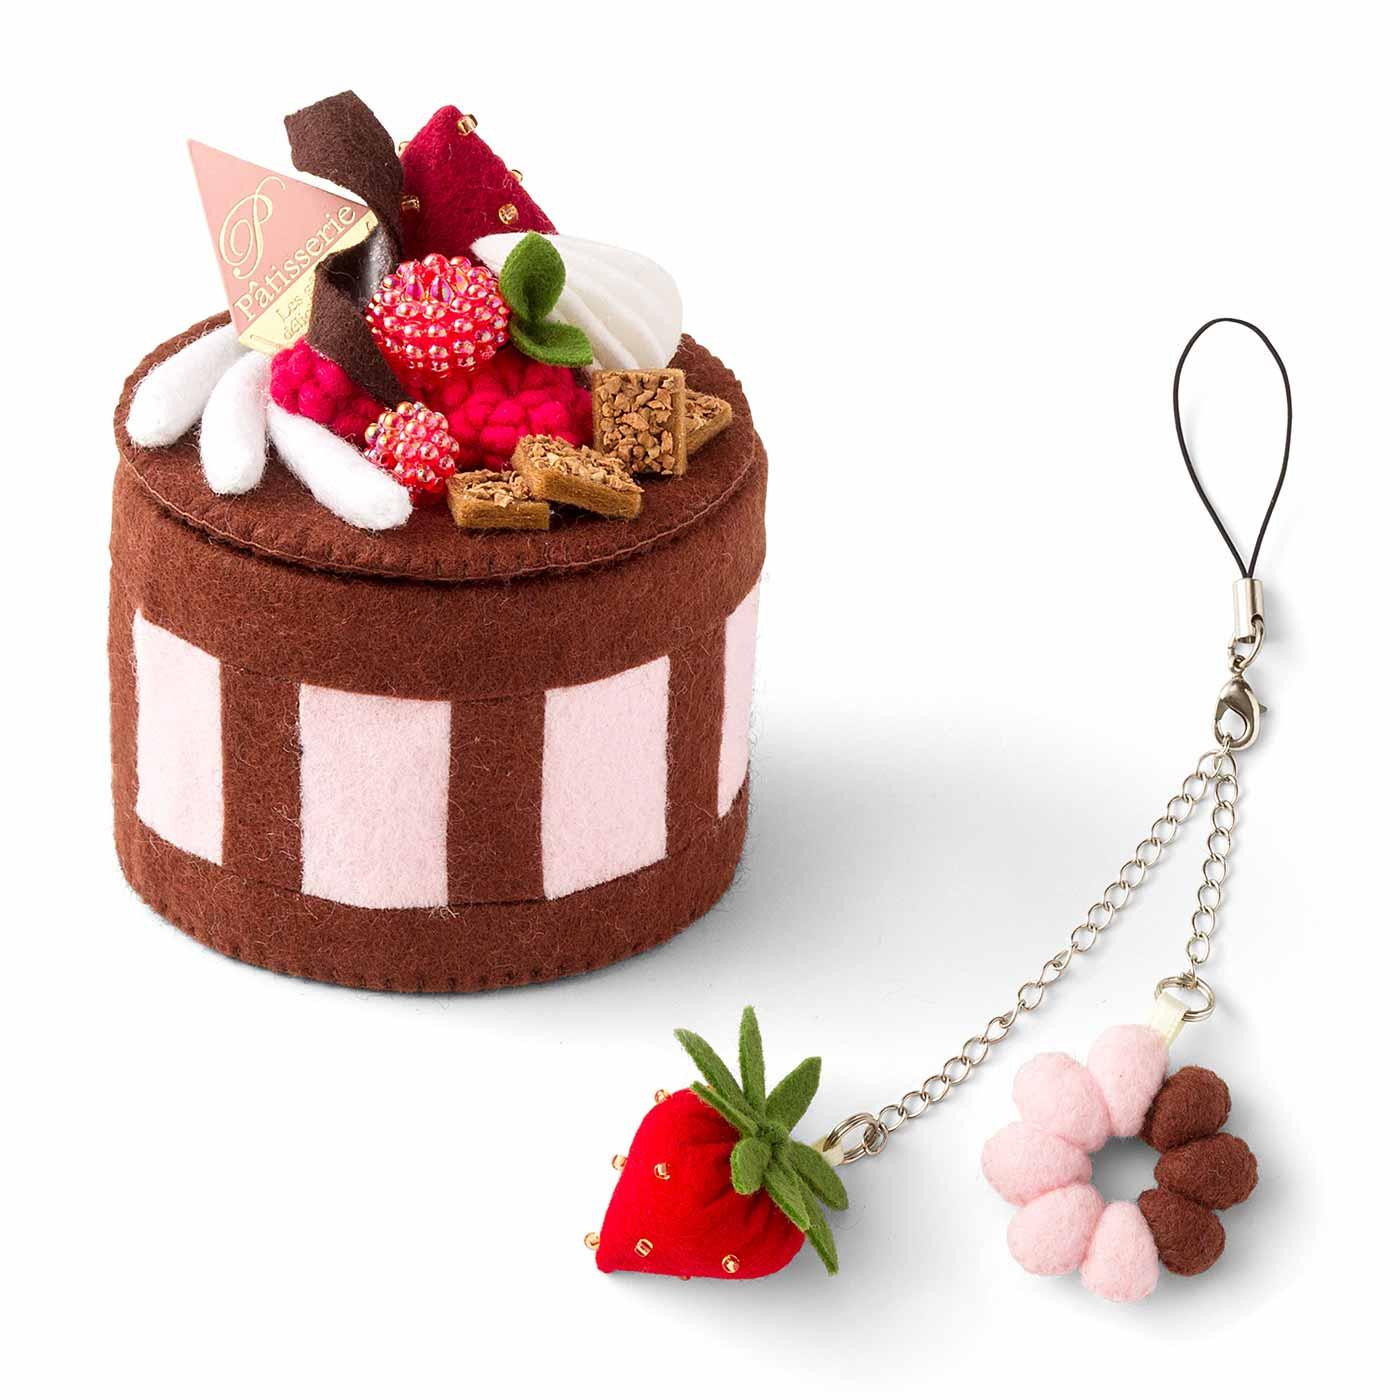 ホワイトチョコ飾りのケーキとマグネット